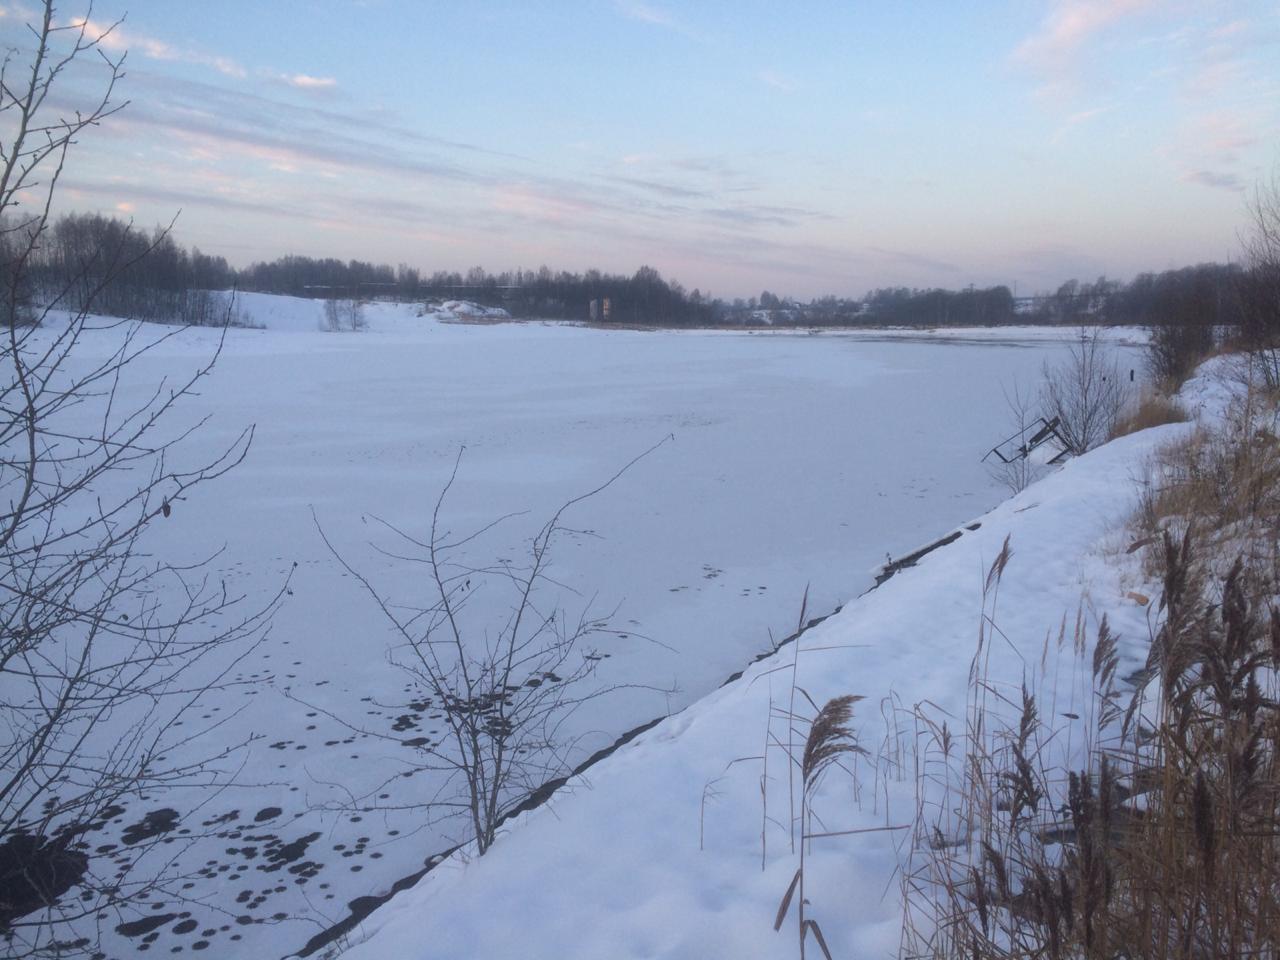 Уровень кислогудронных прудов на менделеевском заводе находится под усиленным контролем специалистов